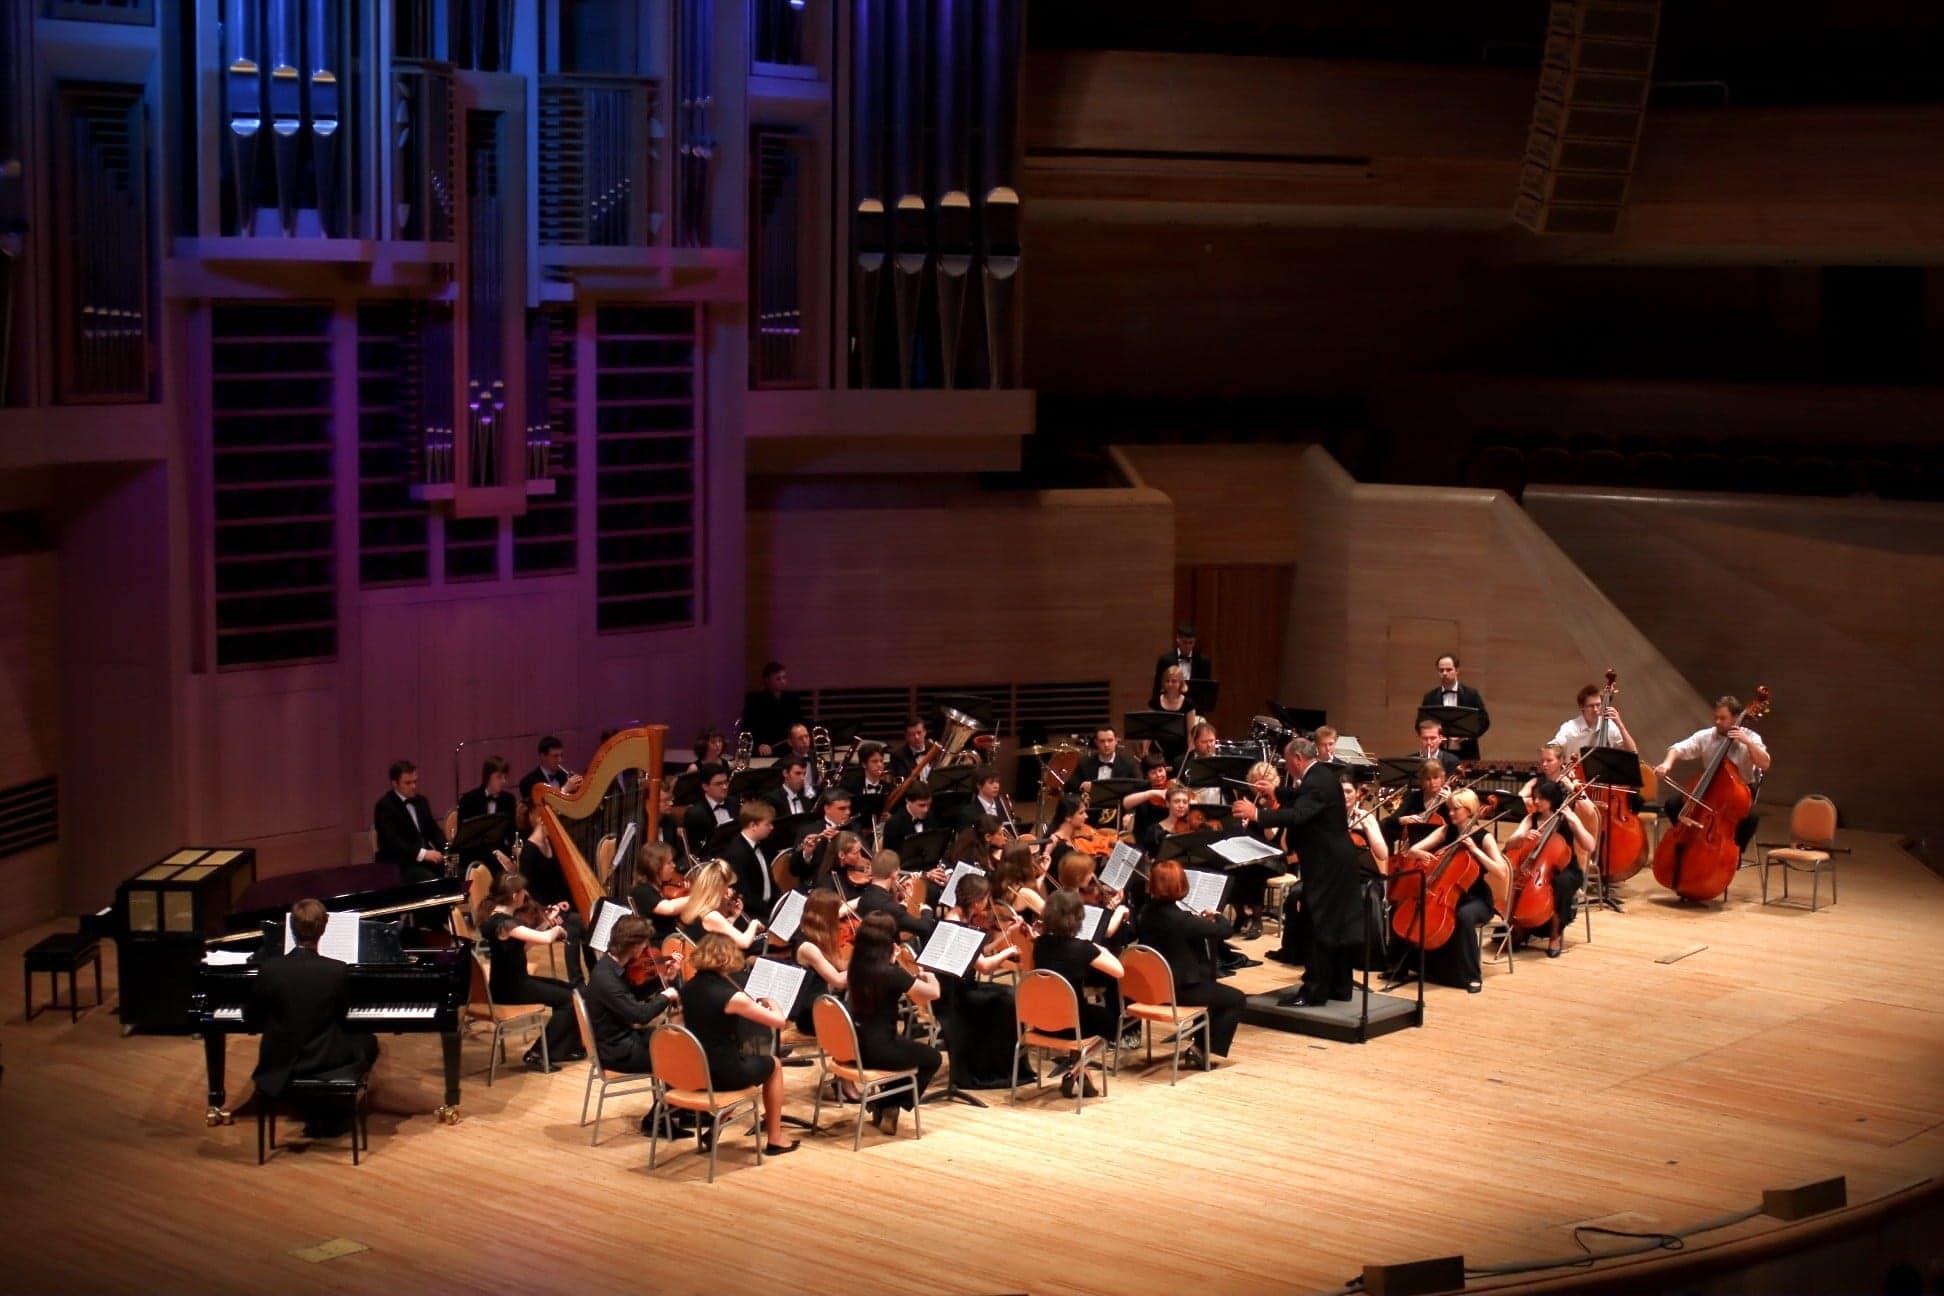 Камерный оркестр имени Гнесиных